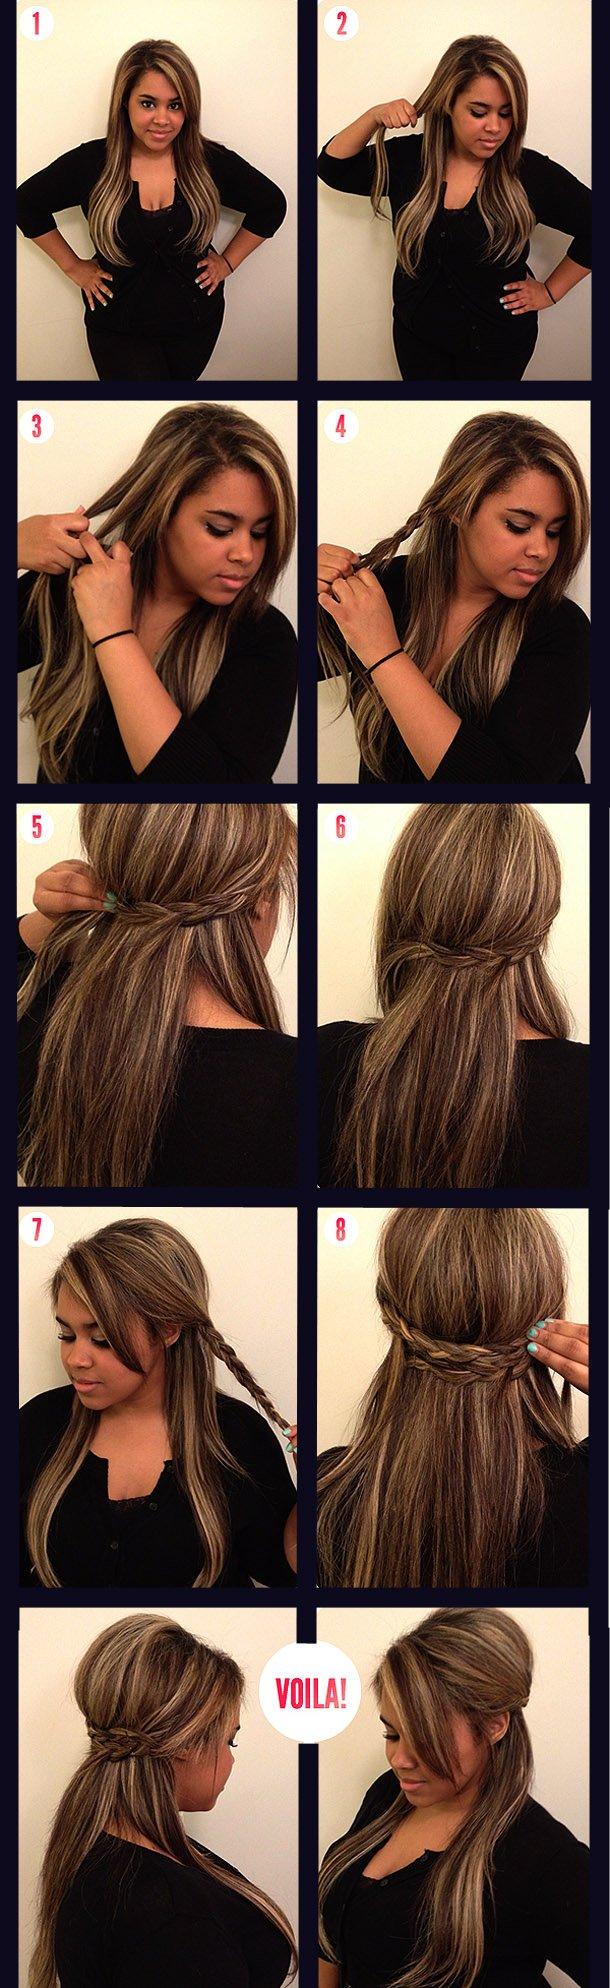 Прически на длинные тонкие волосы на каждый день своими руками поэтапно фото